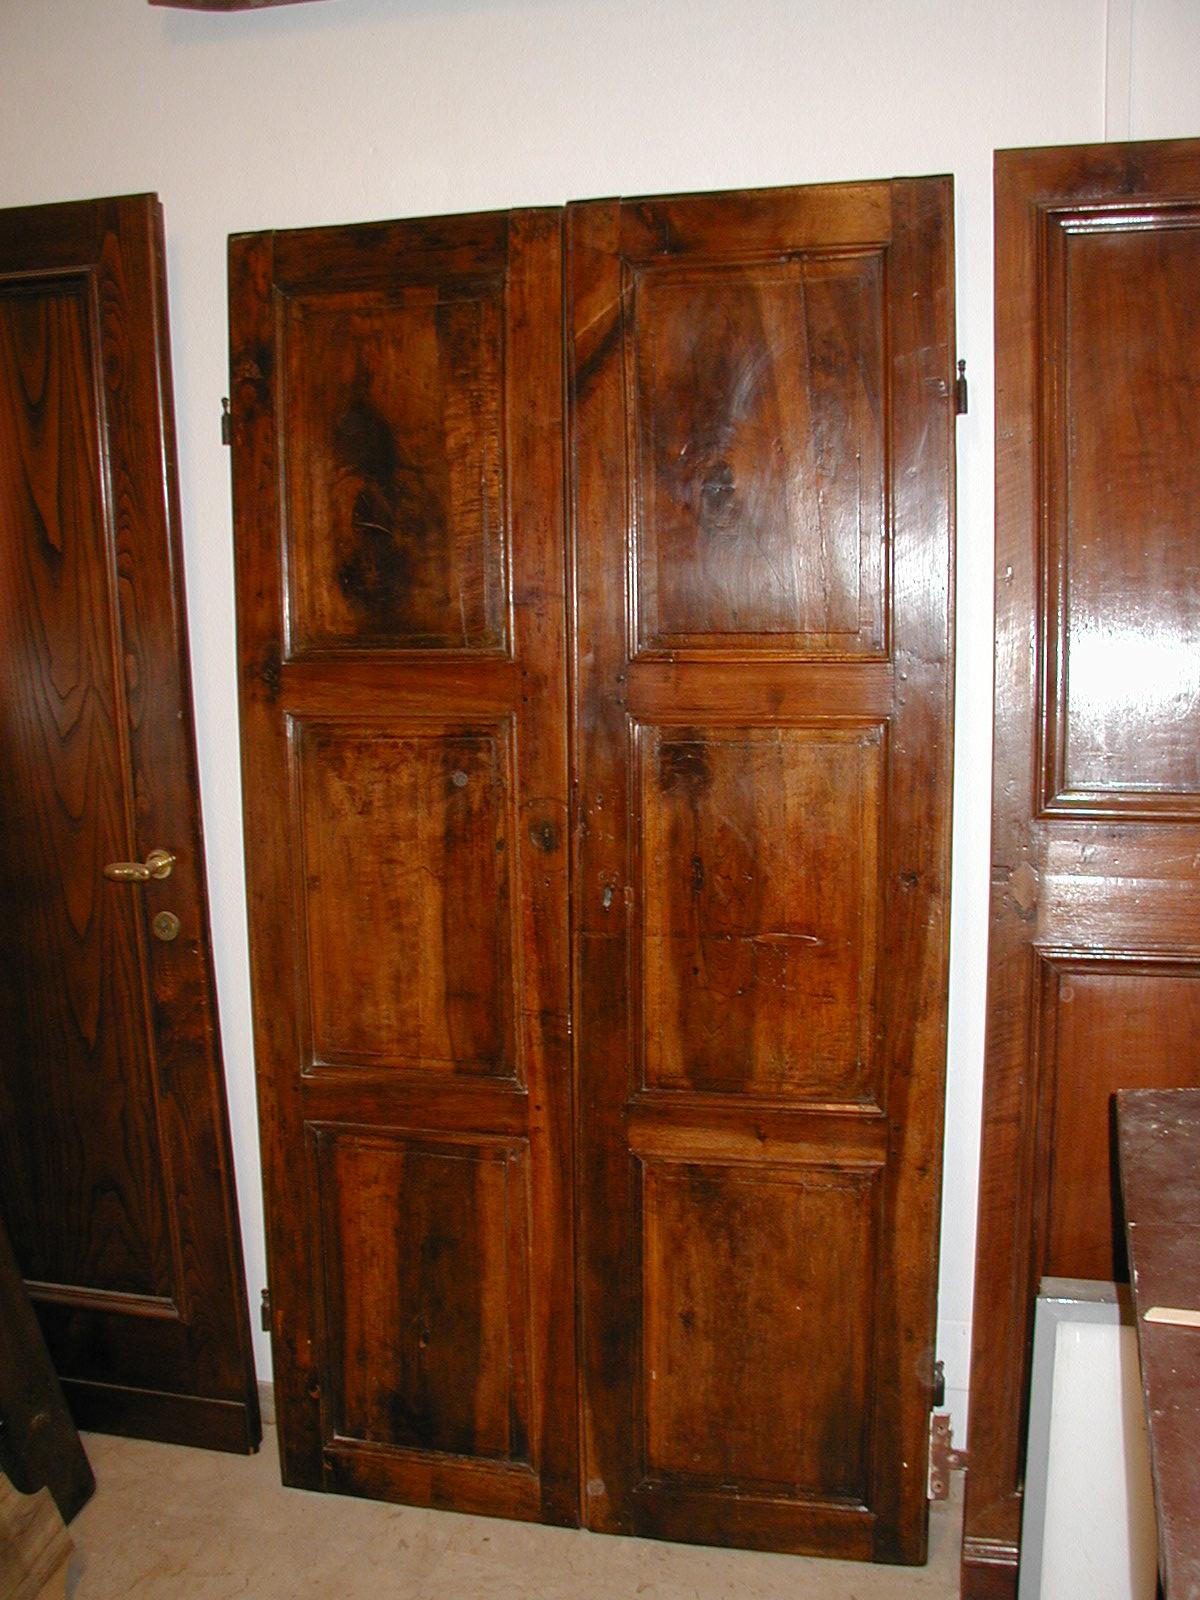 Portantica bottega di restauro di porte e portoni vecchi for Forum arredamento galleria fotografica